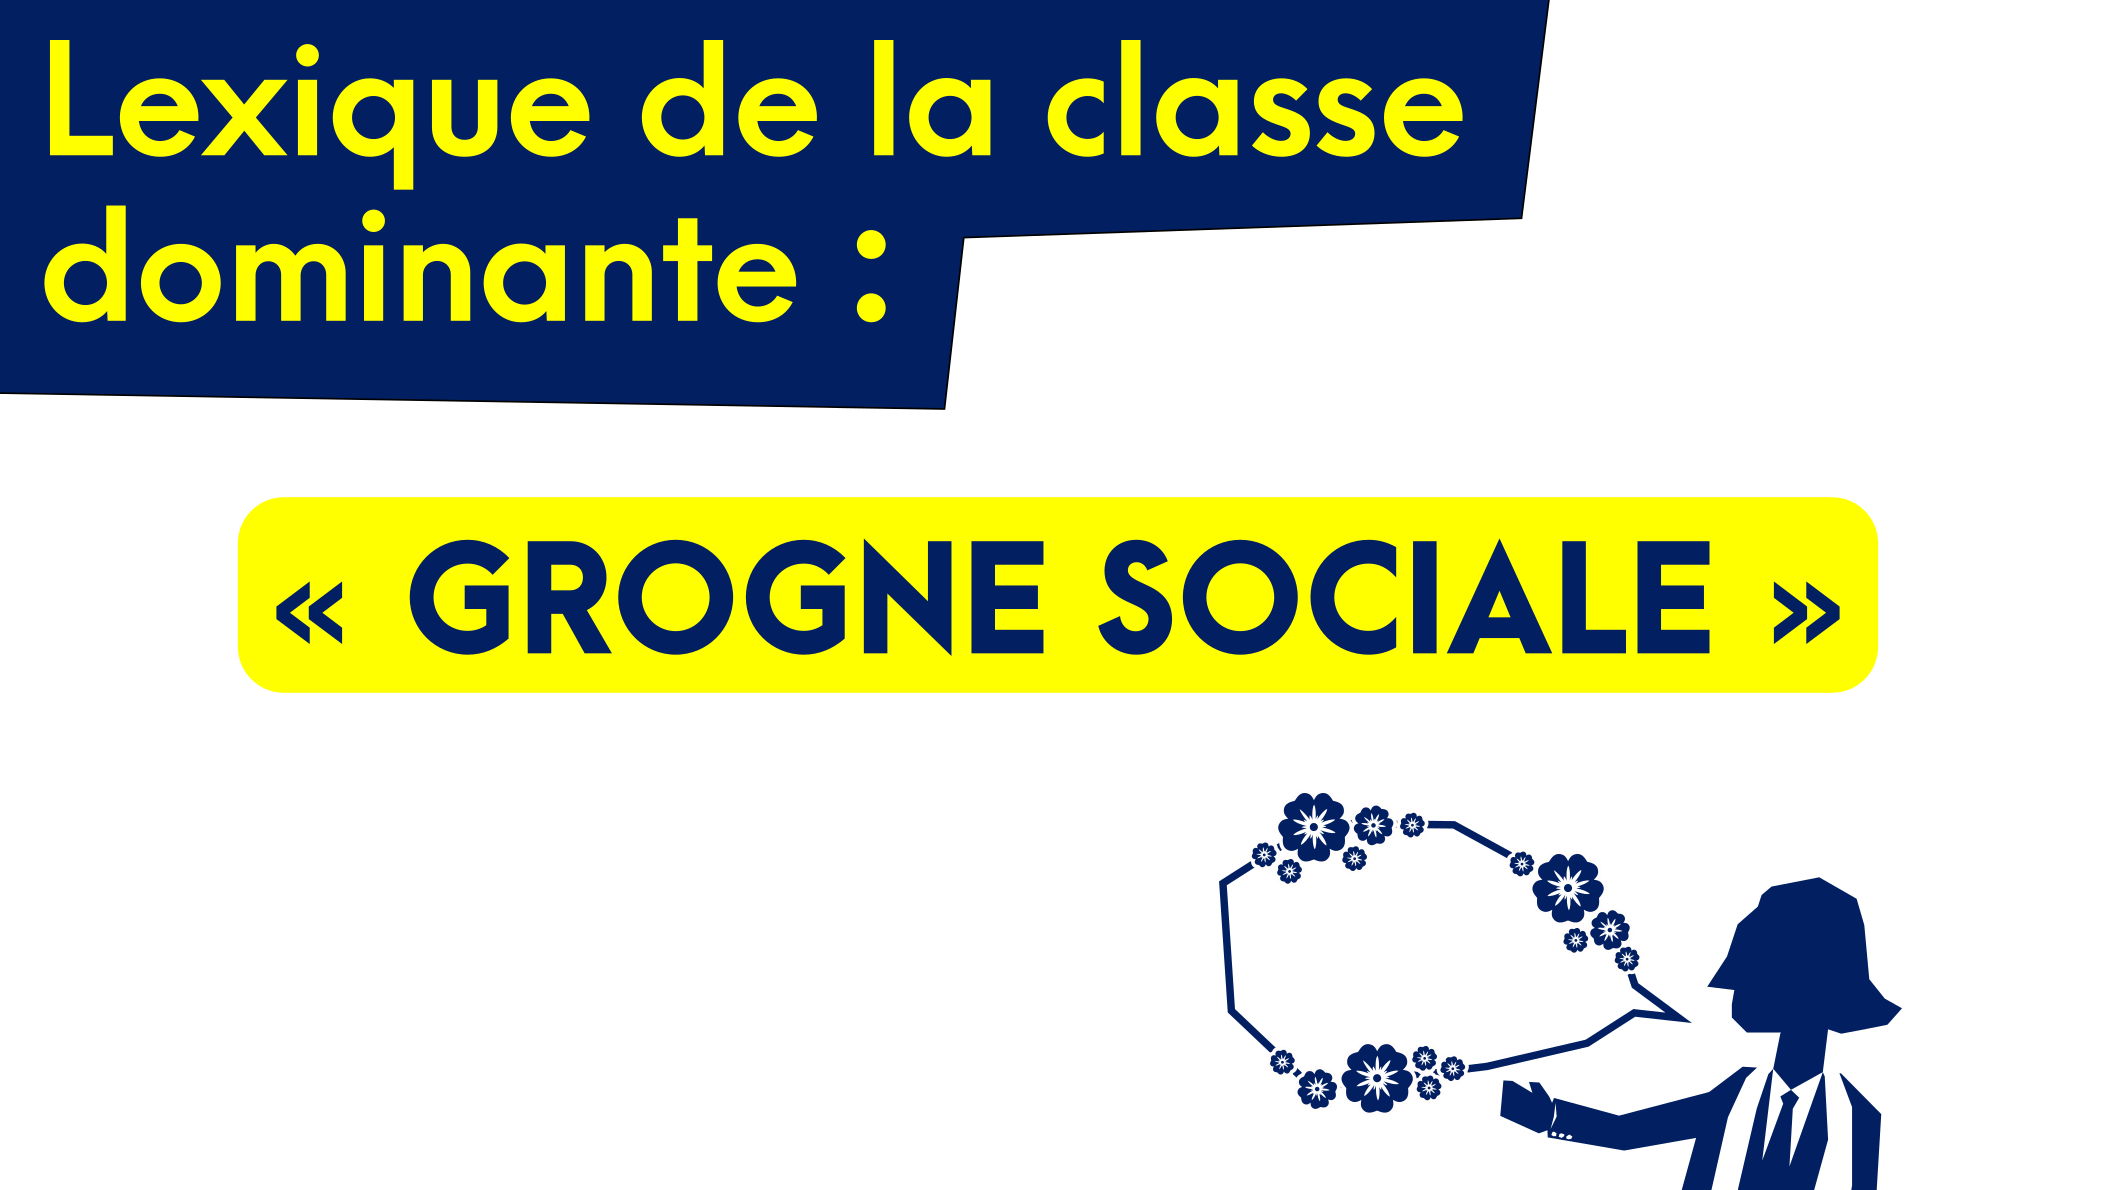 """""""Grogne sociale"""" : la révolte des classes laborieuses vue par la bourgeoisie parisienne"""